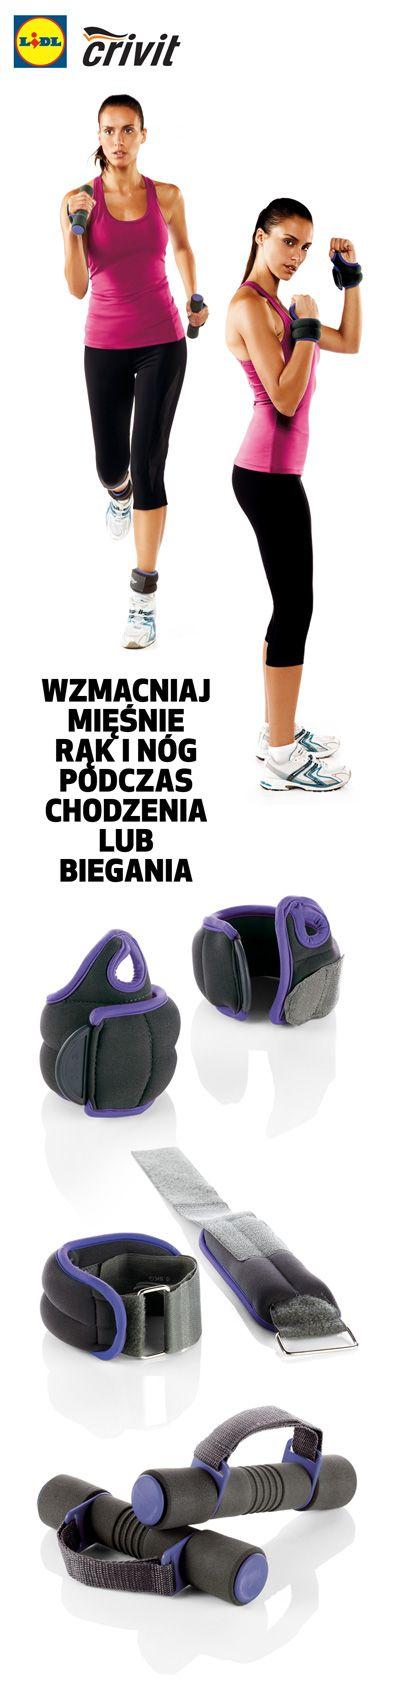 Idziesz na spacer, do pracy, do szkoły? Załóż ciężarki na nadgarstki i kostki! Nie potrzebujesz specjalnego stroju, by ćwiczyć swoje mięśnie! #lidl #ciezarki #fitness #trening